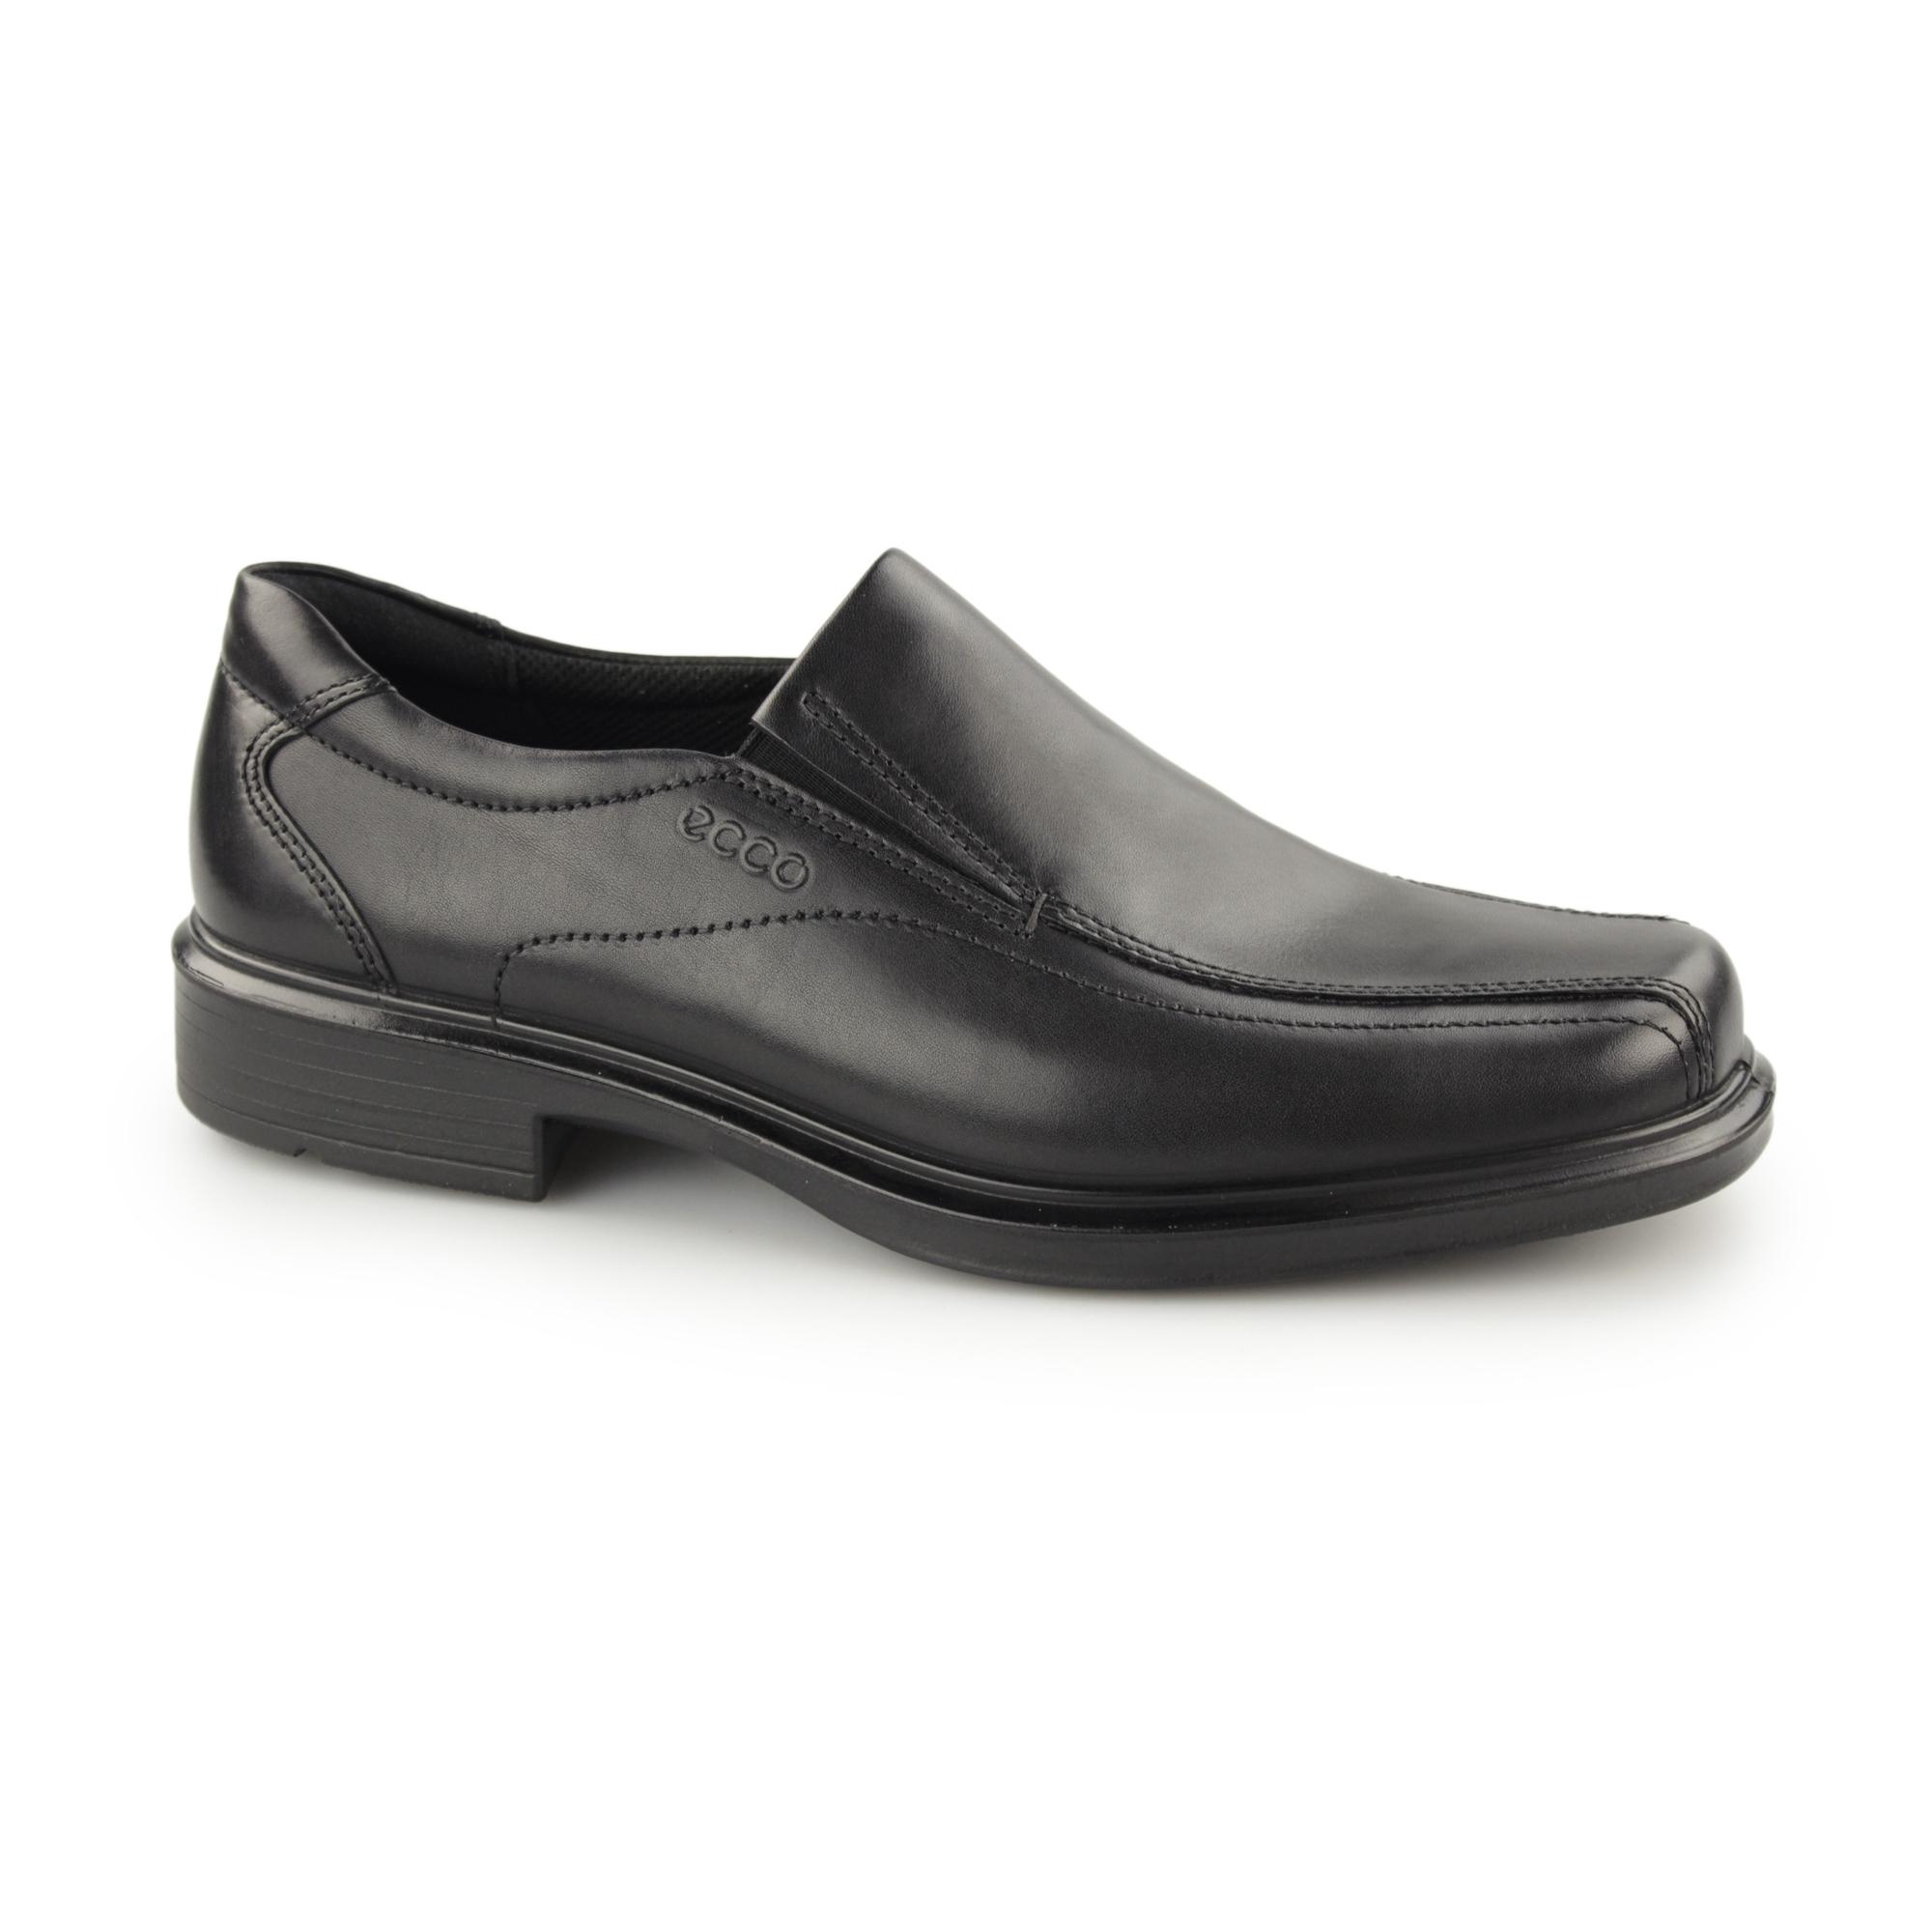 Neupreis starke verpackung Qualität und Quantität zugesichert ECCO HELSINKI Mens Leather Slip On Loafers Black